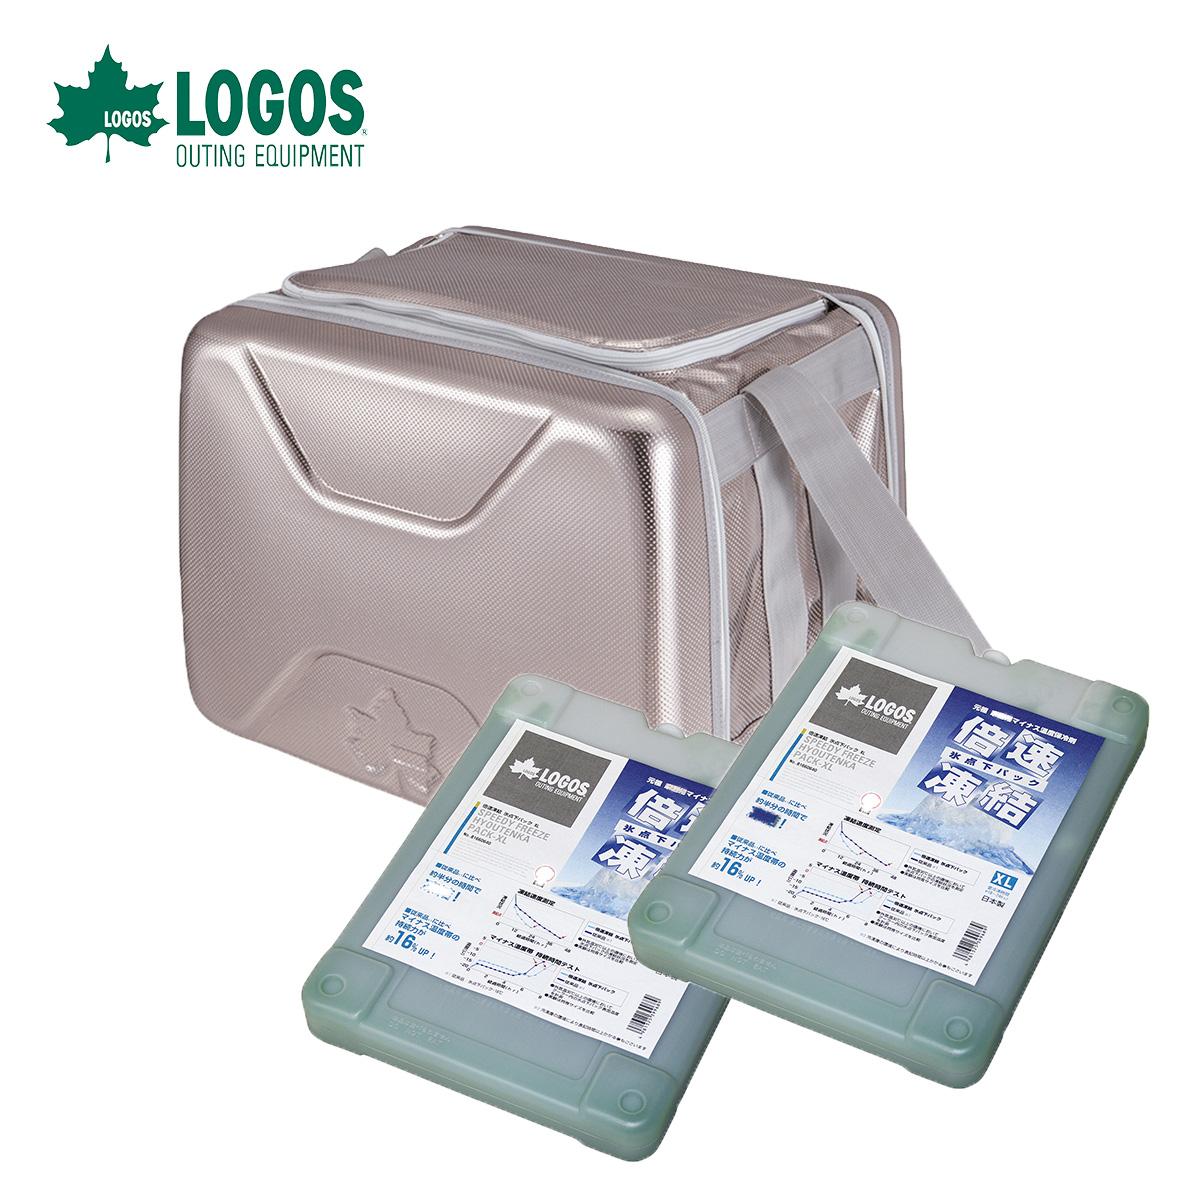 ロゴスコーポレーション:ハイパー氷点下クーラーXL+倍速凍結・氷点下パックXL×2個お買い得3点セット クーラーボックス クーラーバッグ 保冷 BBQ キャンプ アウトドア